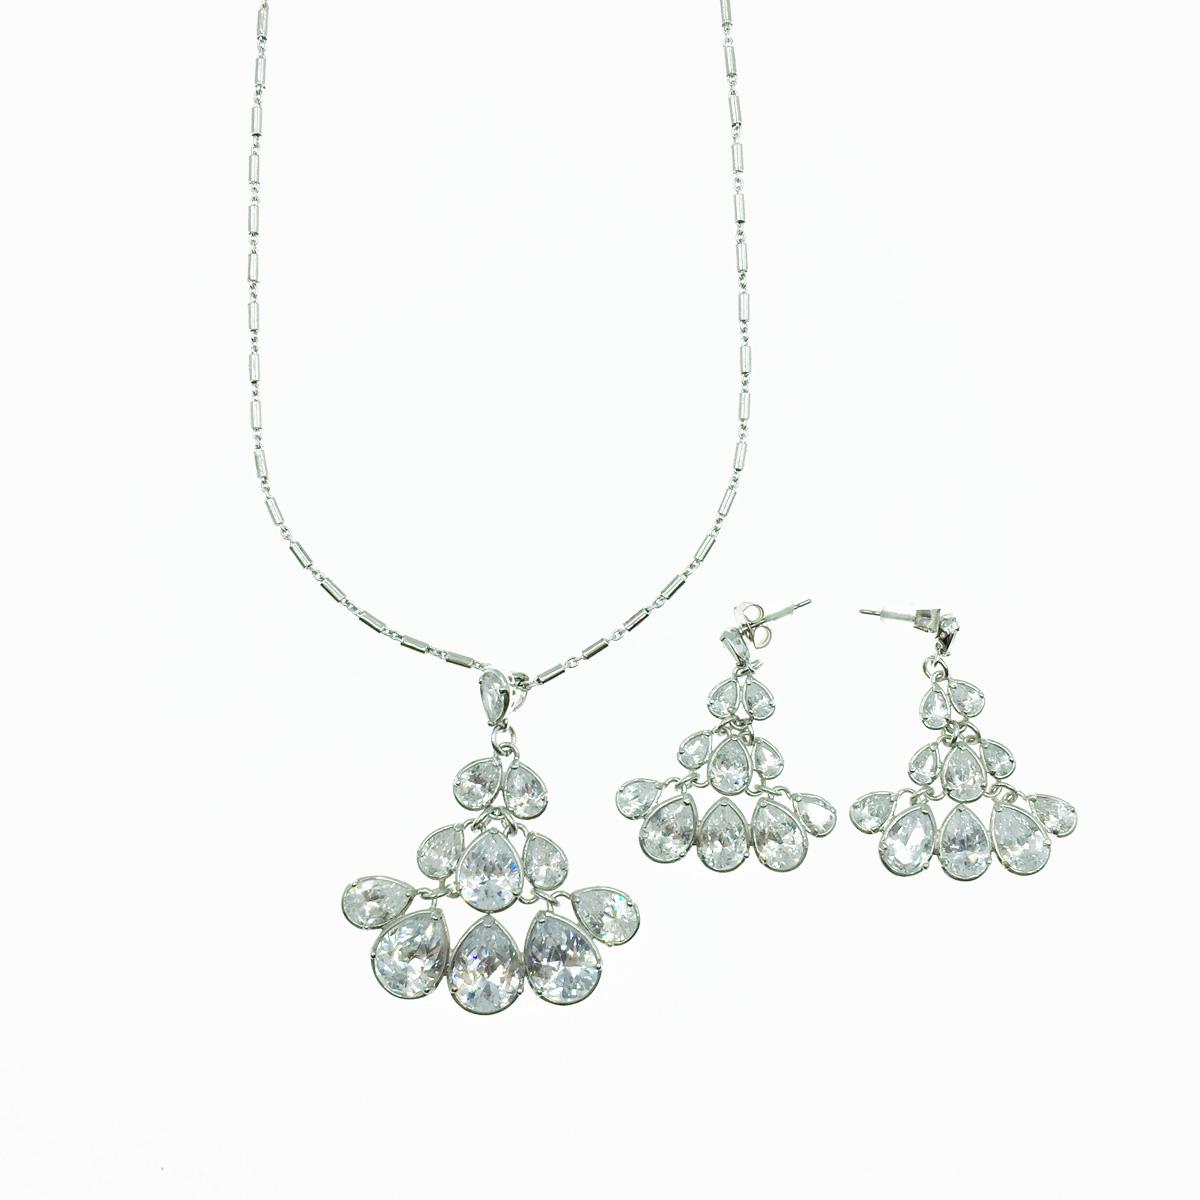 水滴造型 水鑽 垂墜 新娘飾品 耳環項鍊套組 採用施華洛世奇水晶元素 Crystals from Swarovski